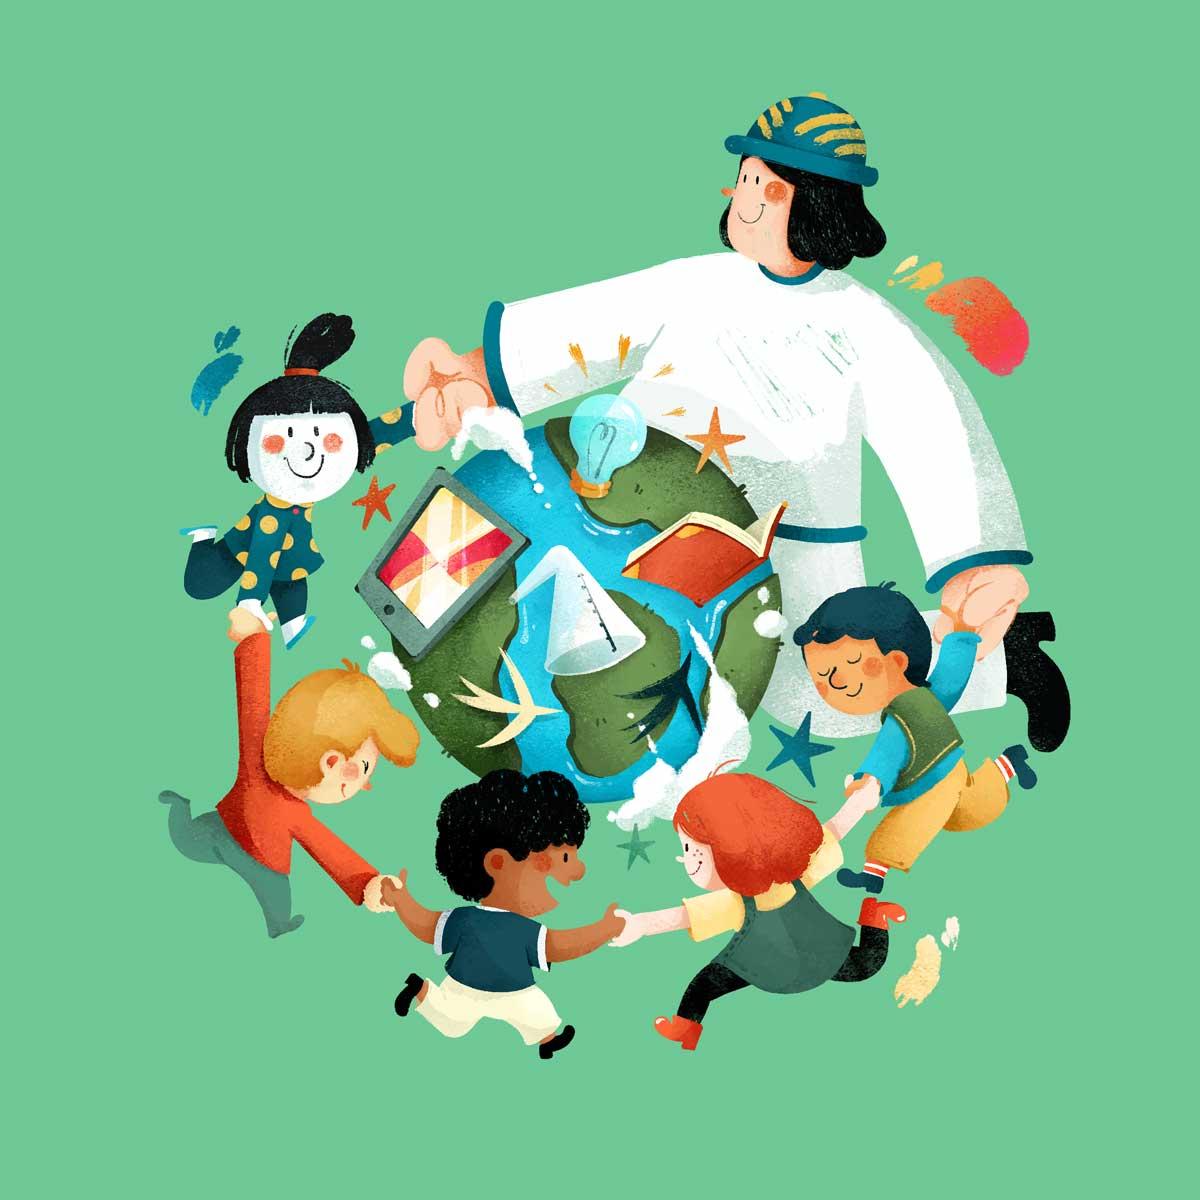 """Nuovi bisogni e nuovi strumenti per l'inclusione: indicazioni dal Convegno Internazionale """"La Qualità dell'inclusione scolastica e sociale"""""""